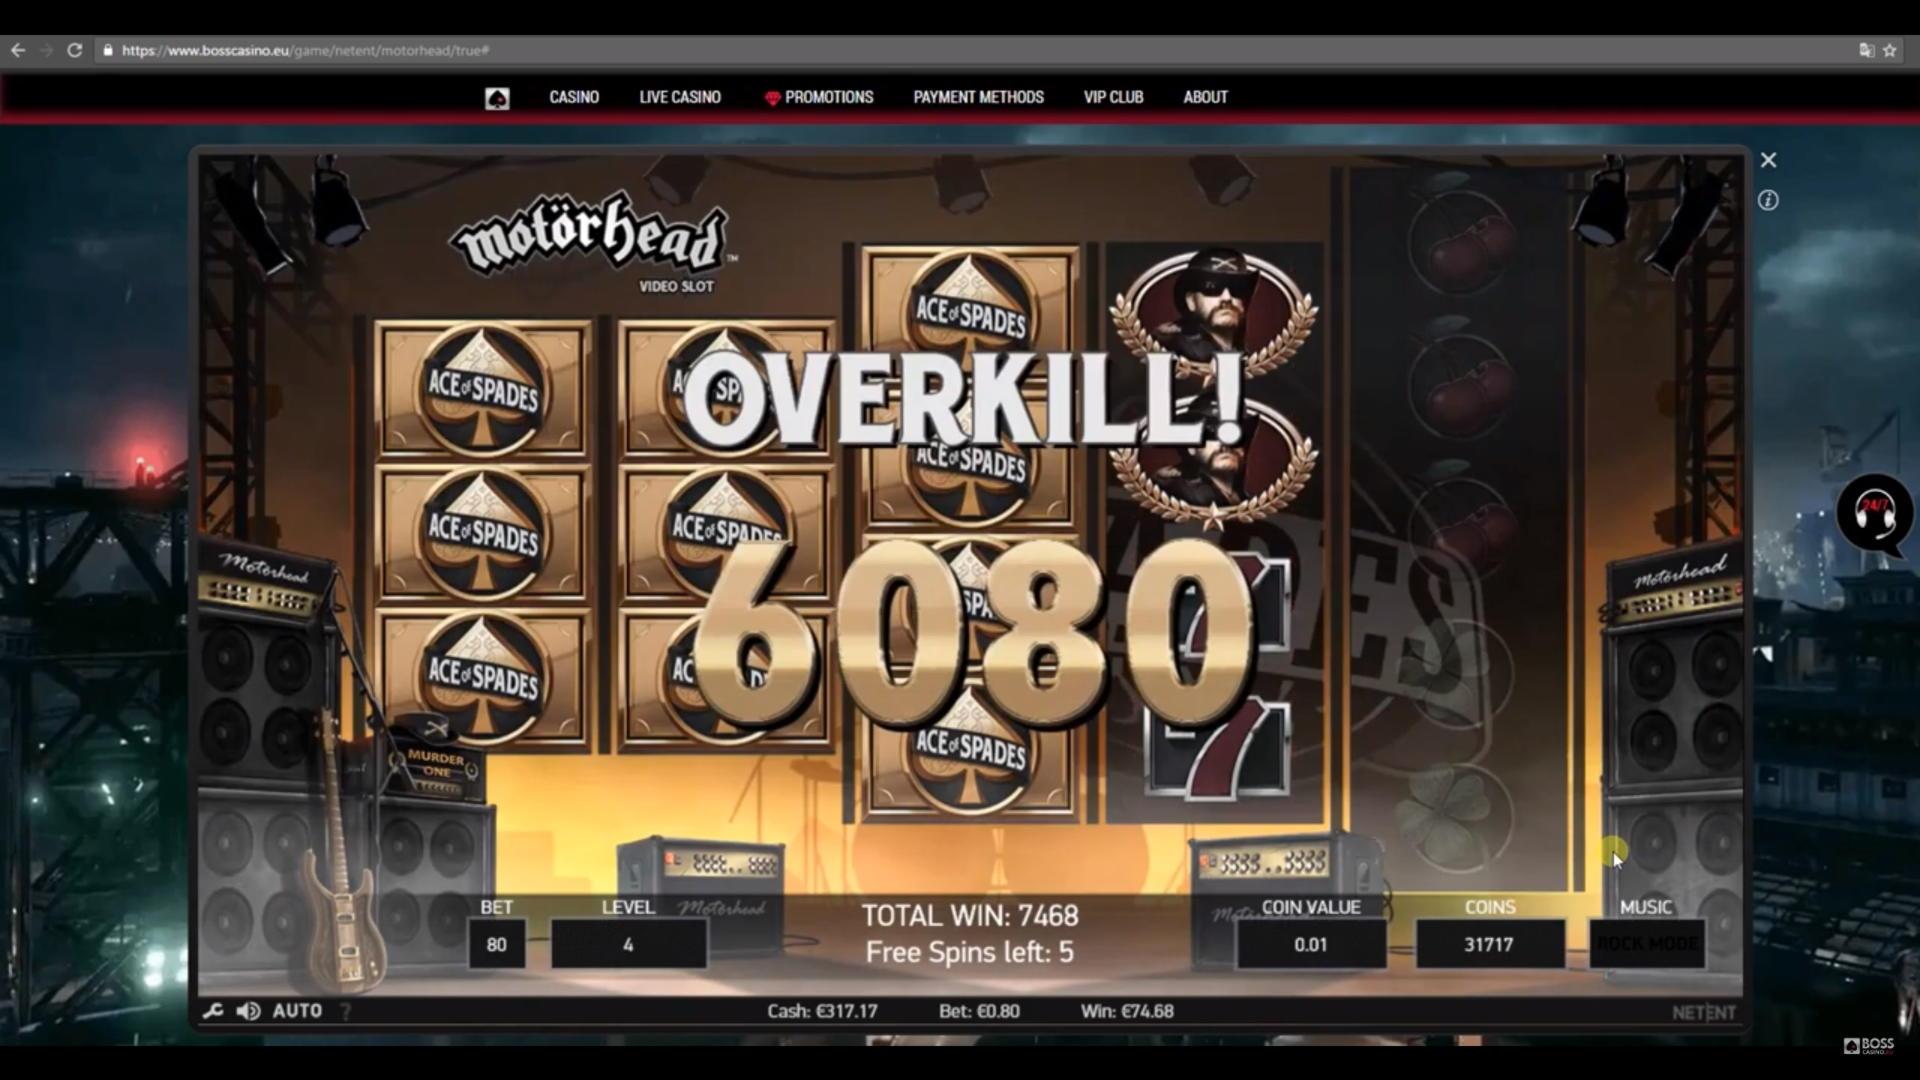 $ 30 անվճար խաղարկային խաղարկություն է Գյուտերի